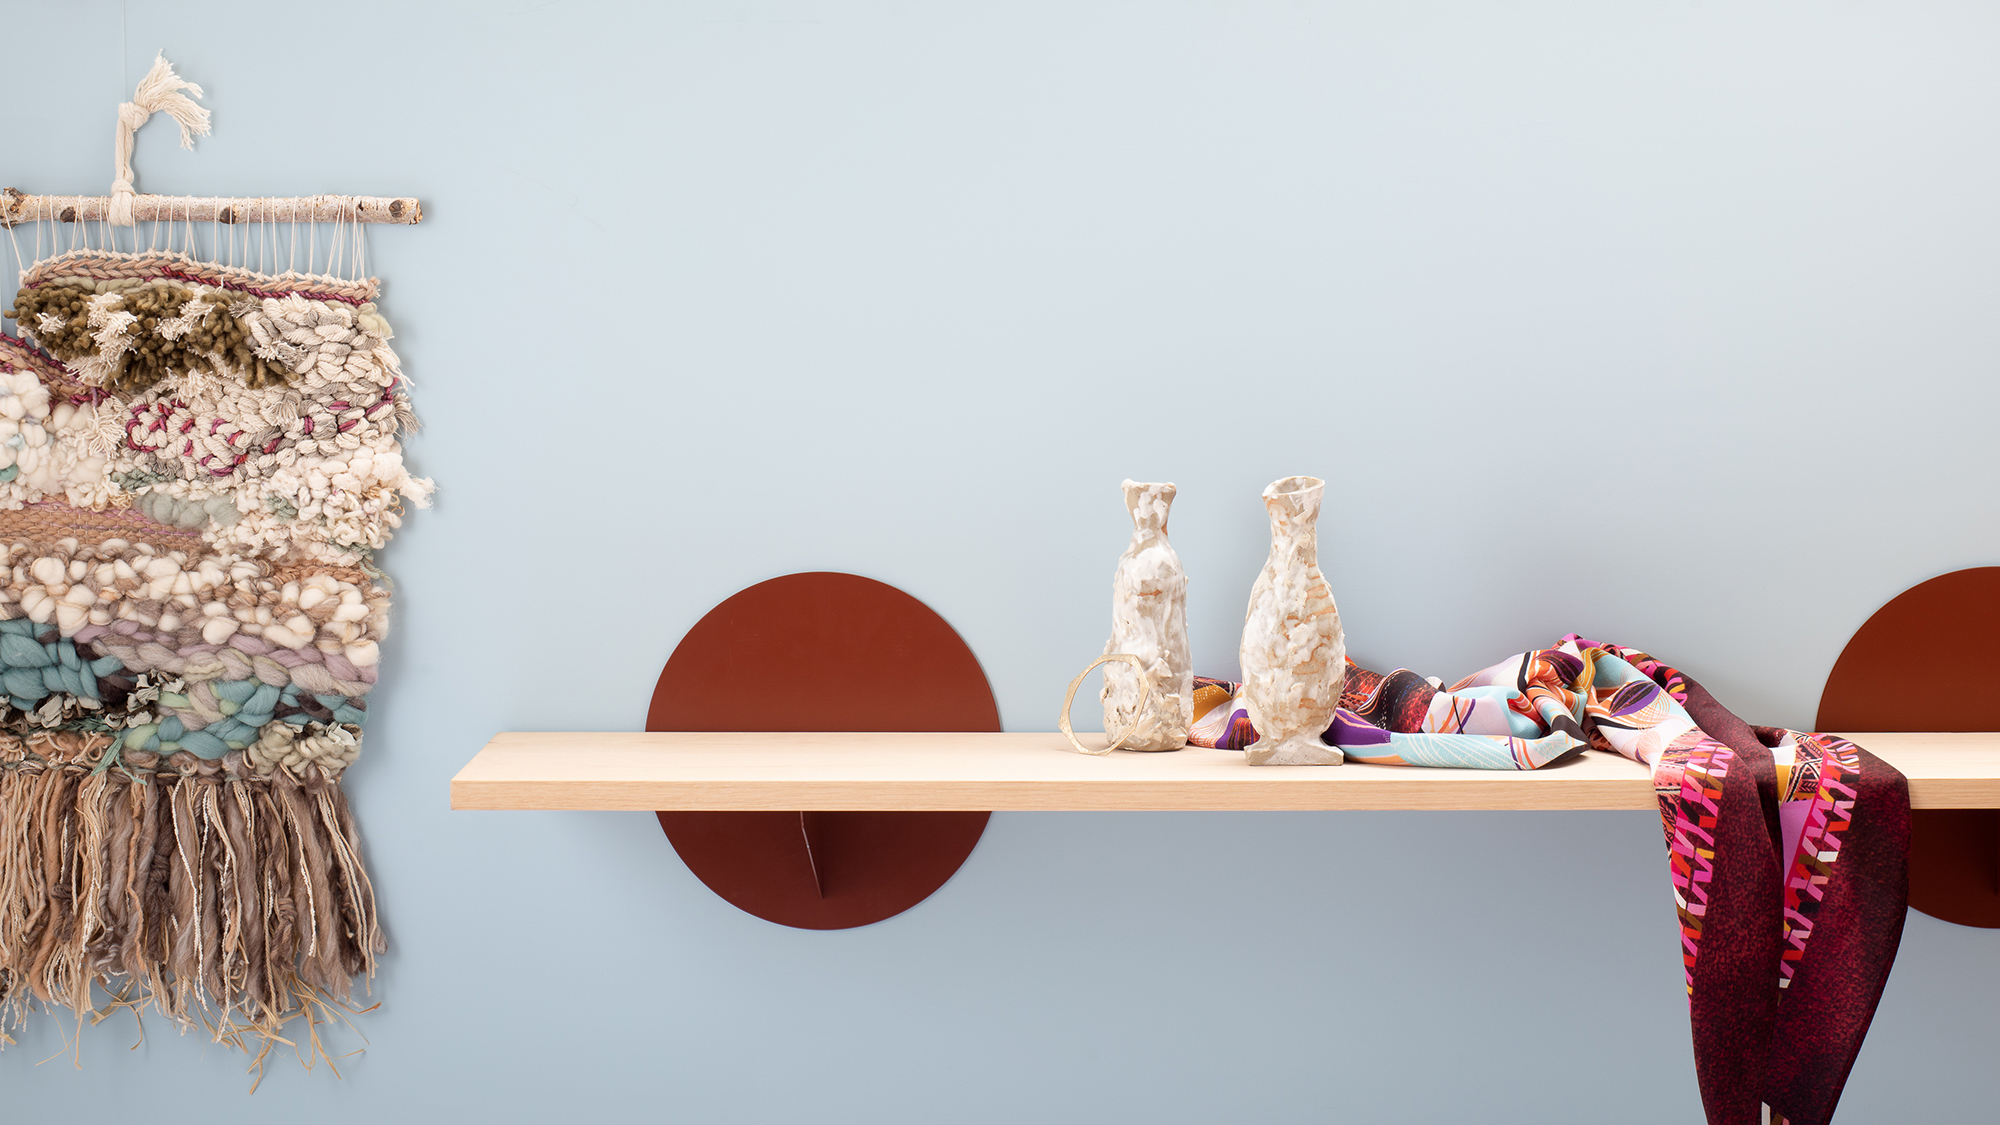 SoT180623 Shelf Life-1315.jpg